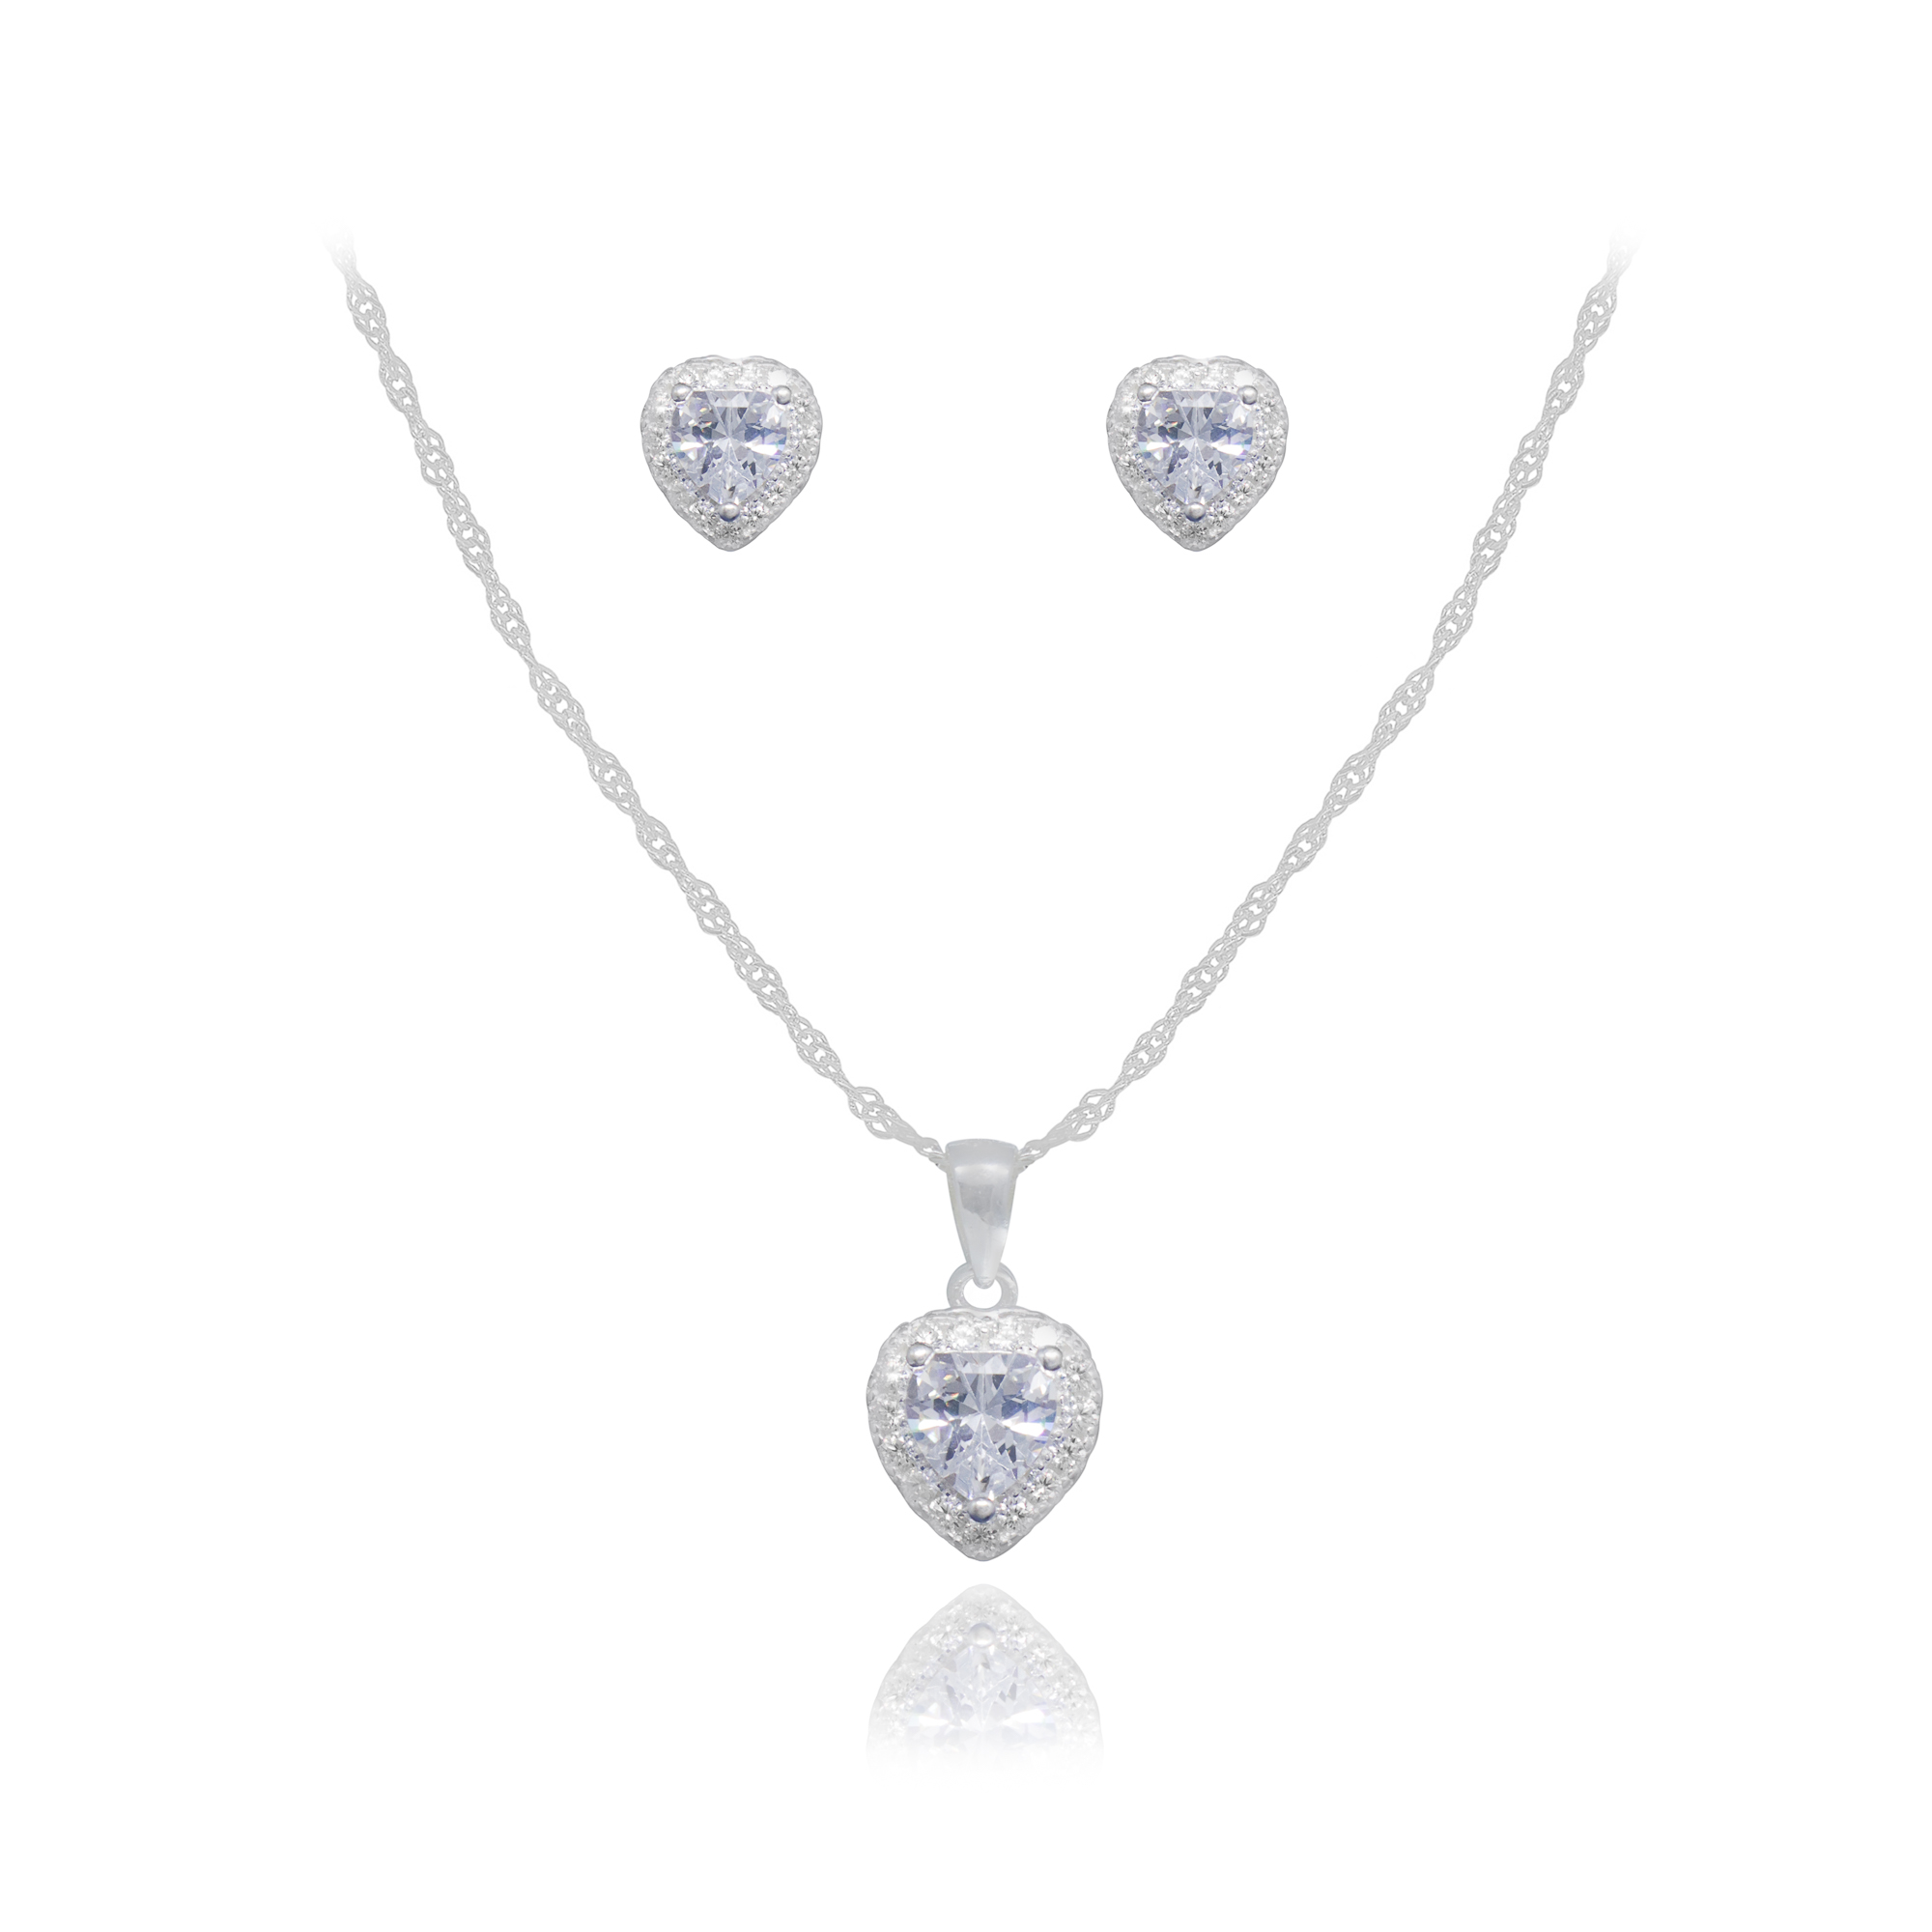 Conjunto joia prata 925 pura zircônia Coração hipoalergênica